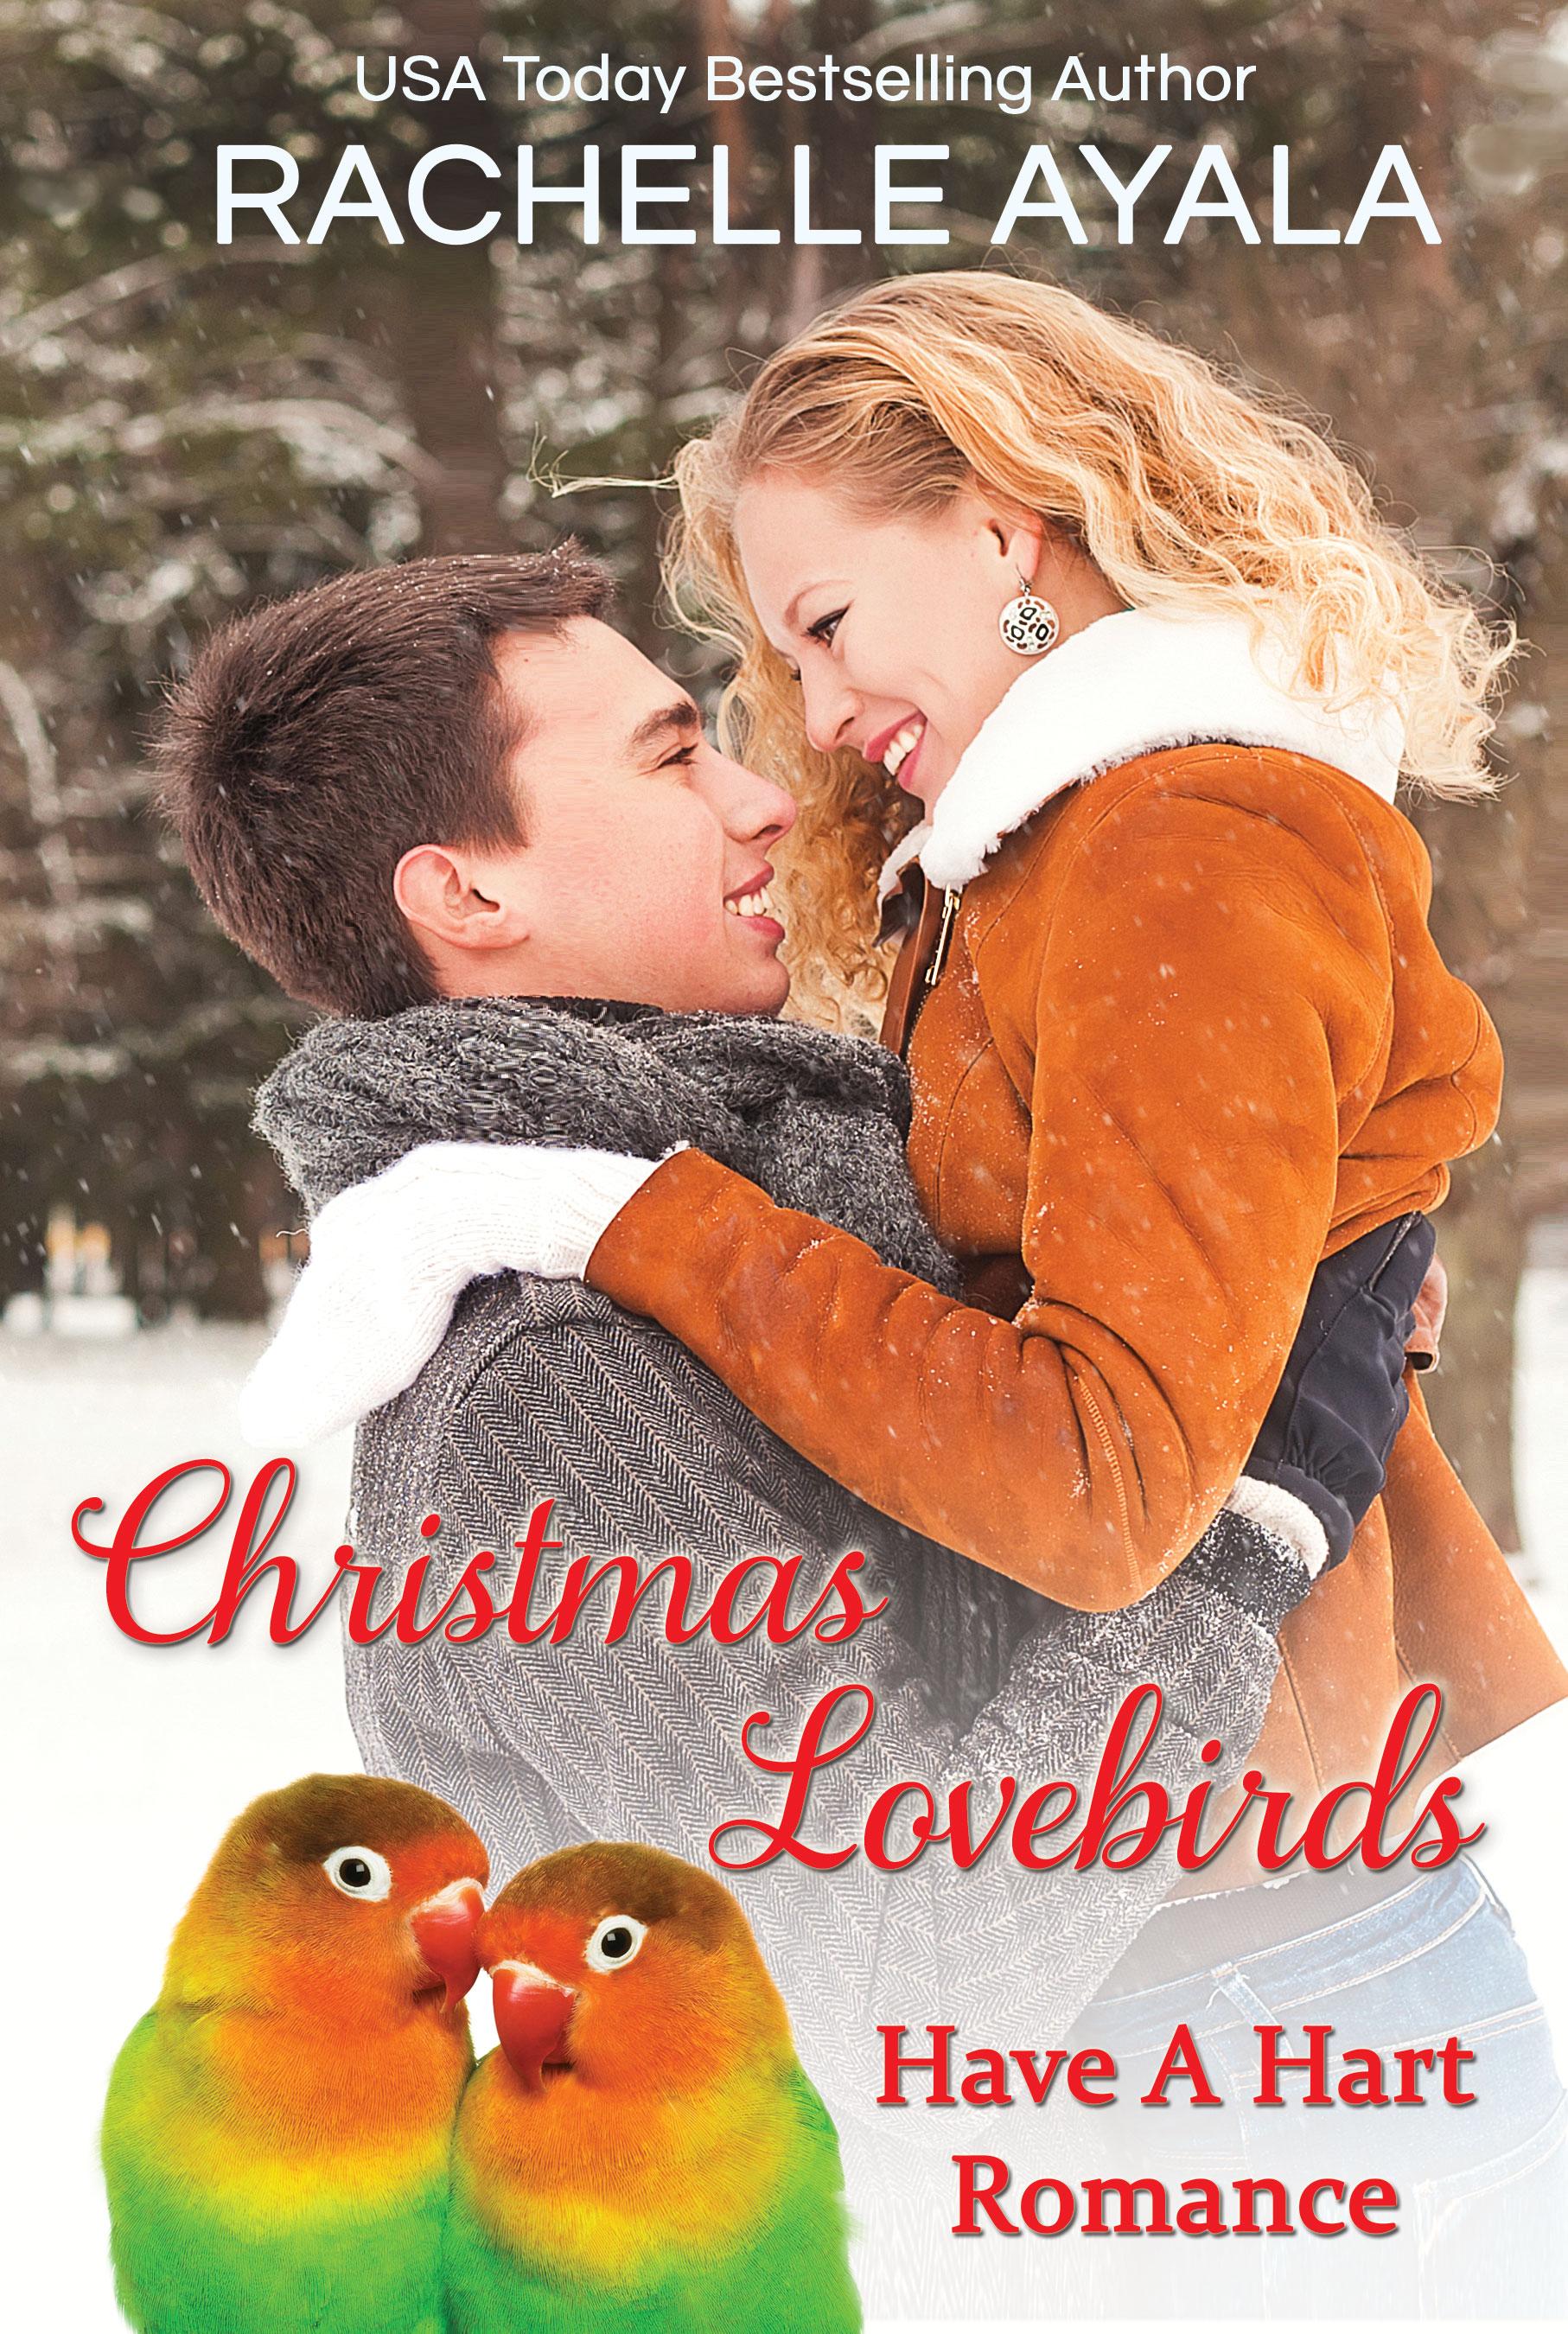 Christmas lovebirds